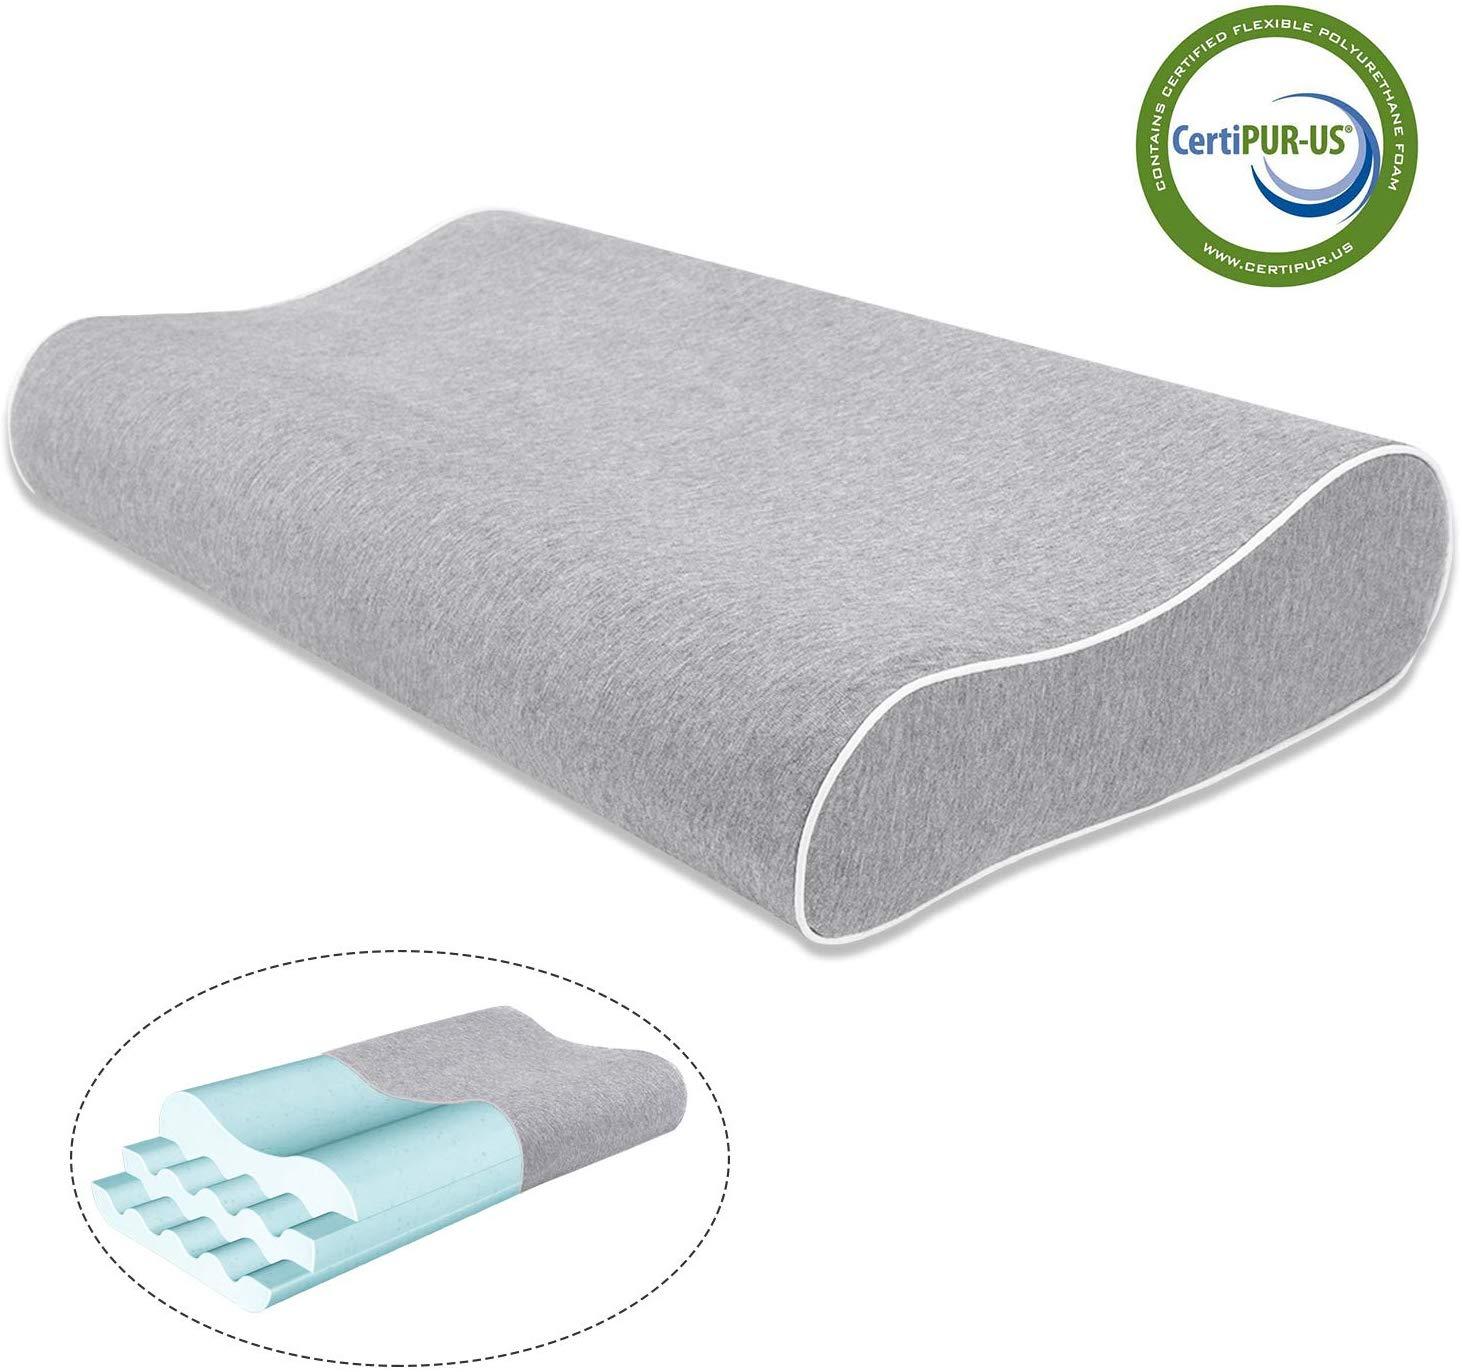 Mugetu Best Flat Pillow review by www.dailysleep.org